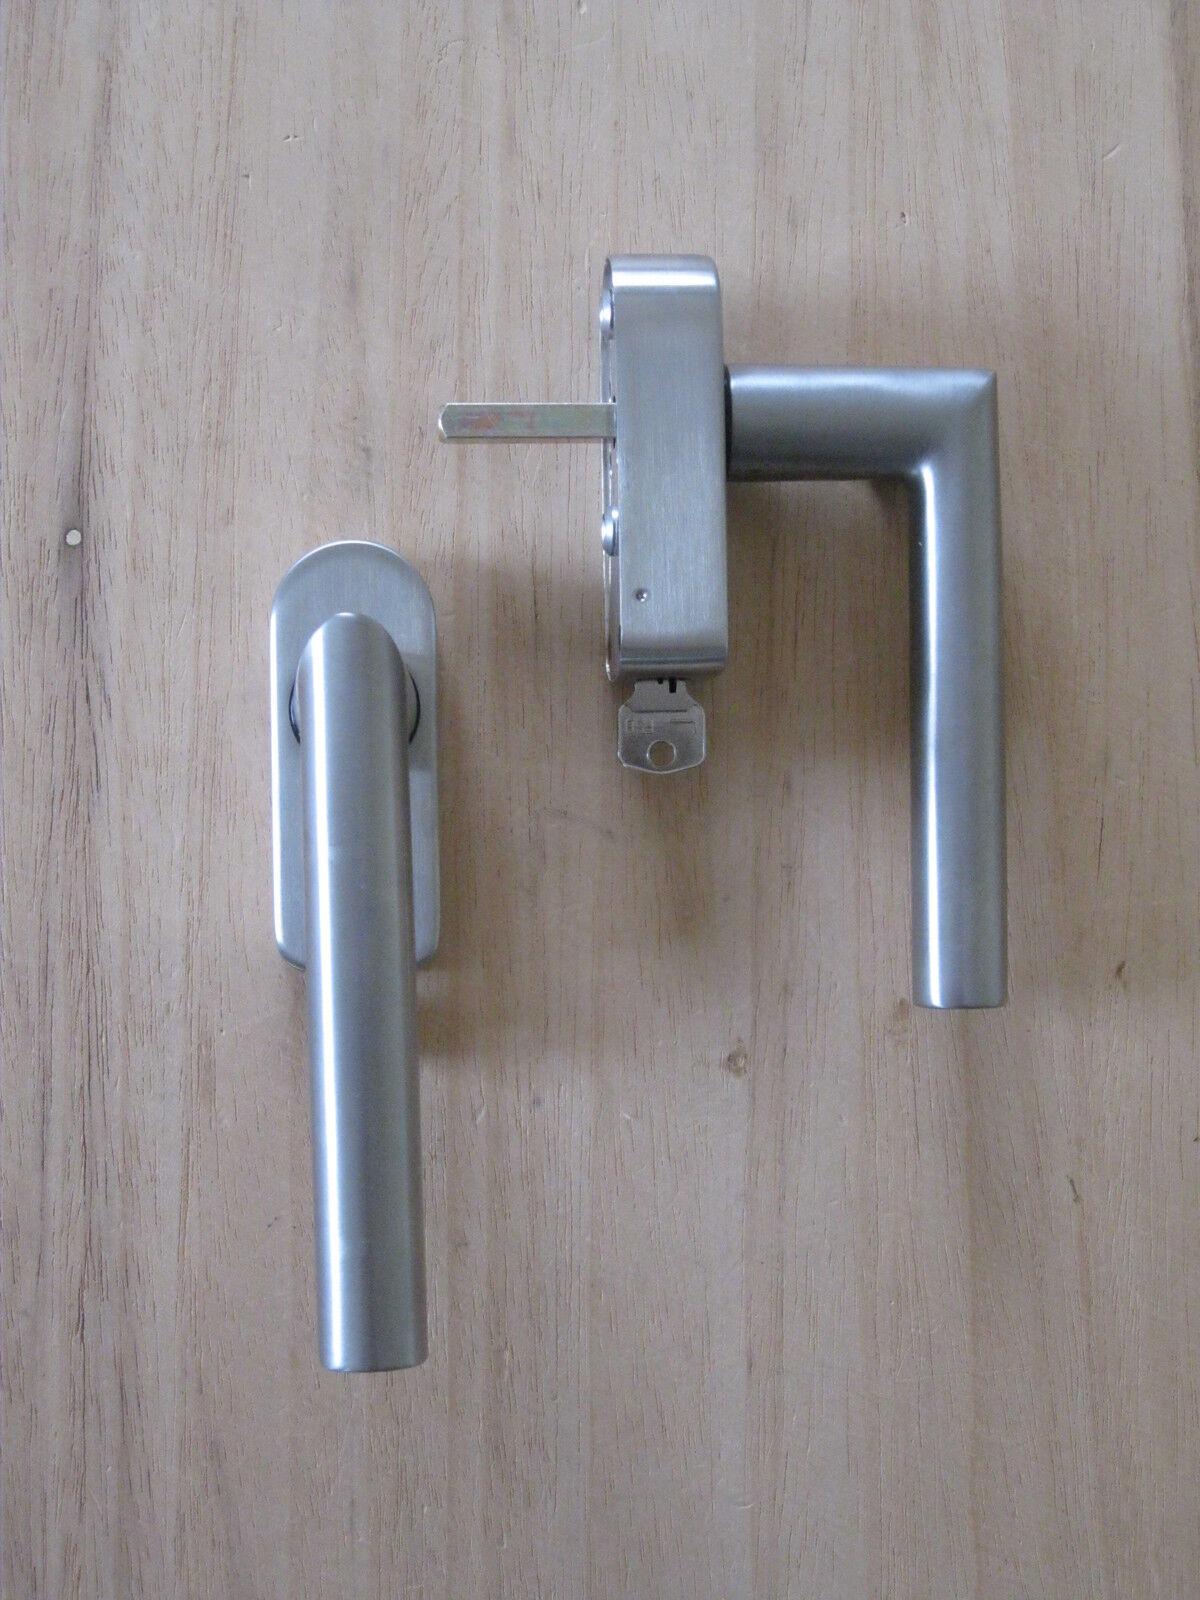 FSB Fenstergriff Mod. 34 1076 Edelstahl abschließbar mit Schließzwang